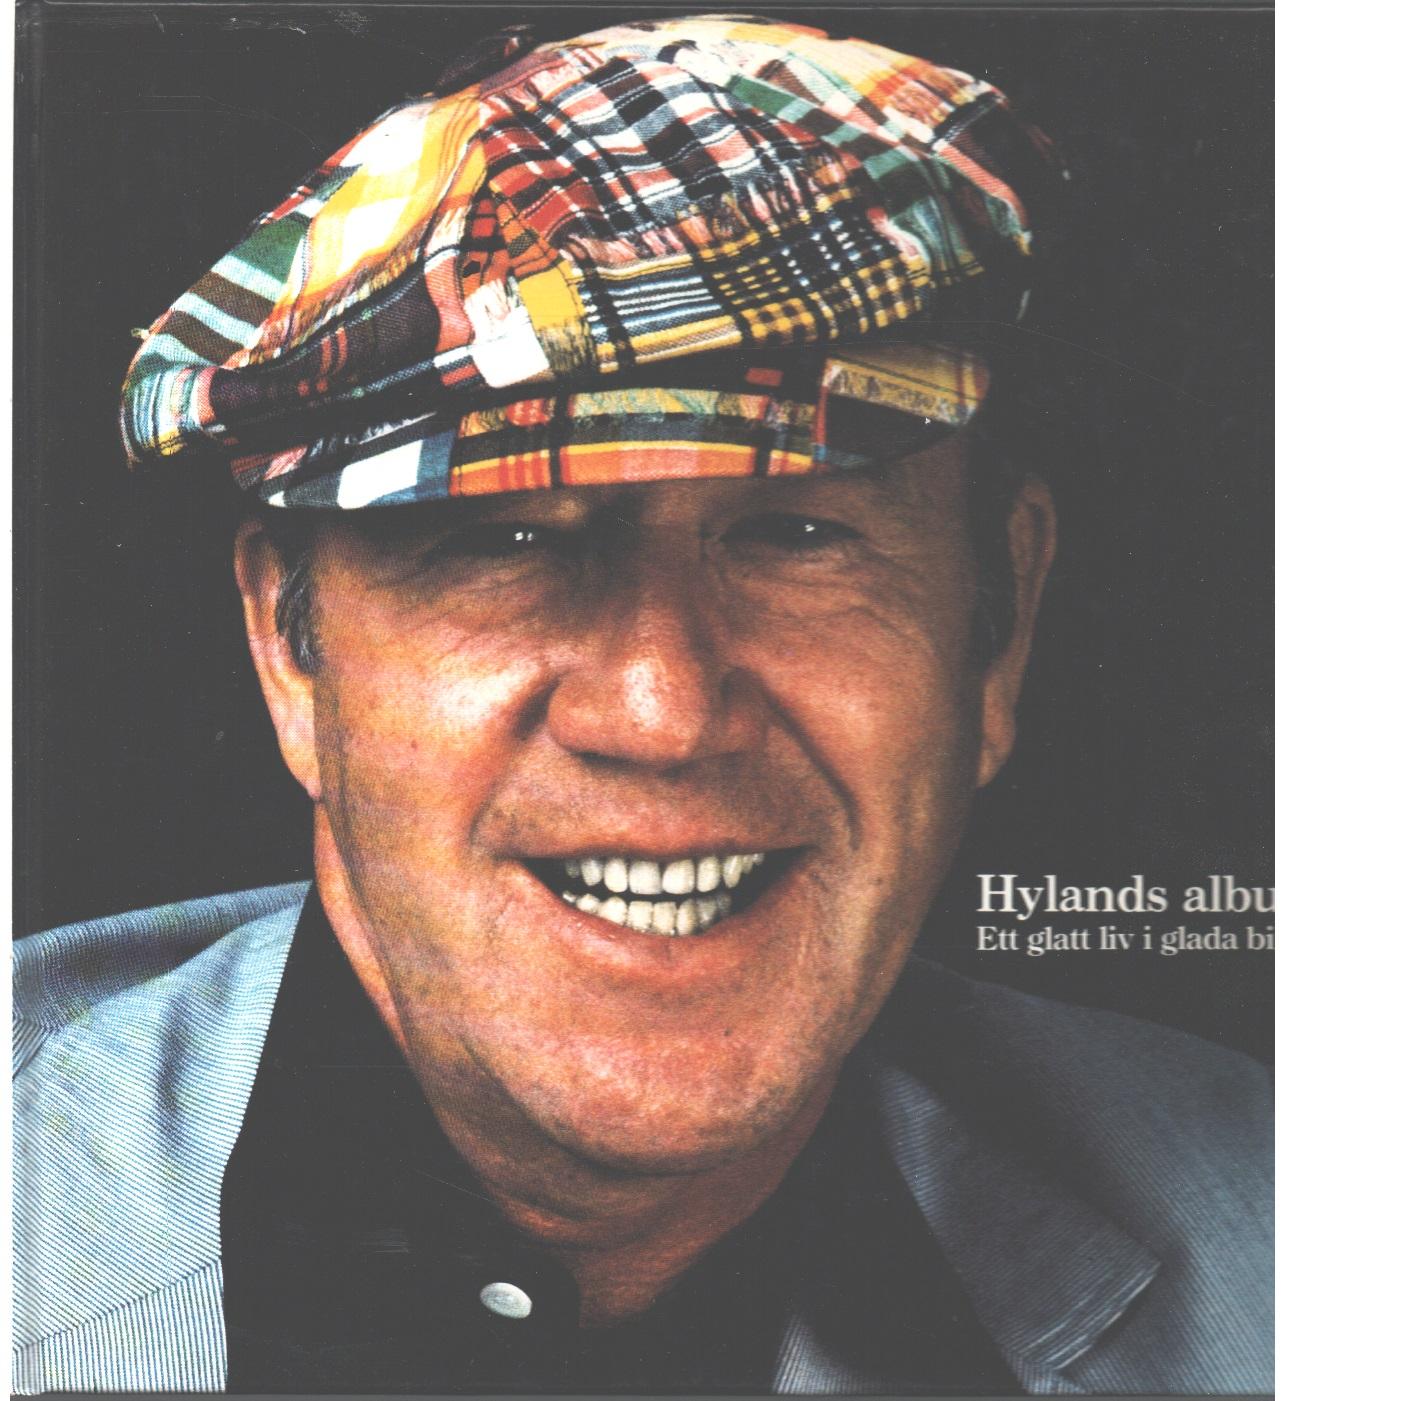 Hylands album : ett glatt liv i glada bilder  - Hyland, Lennart